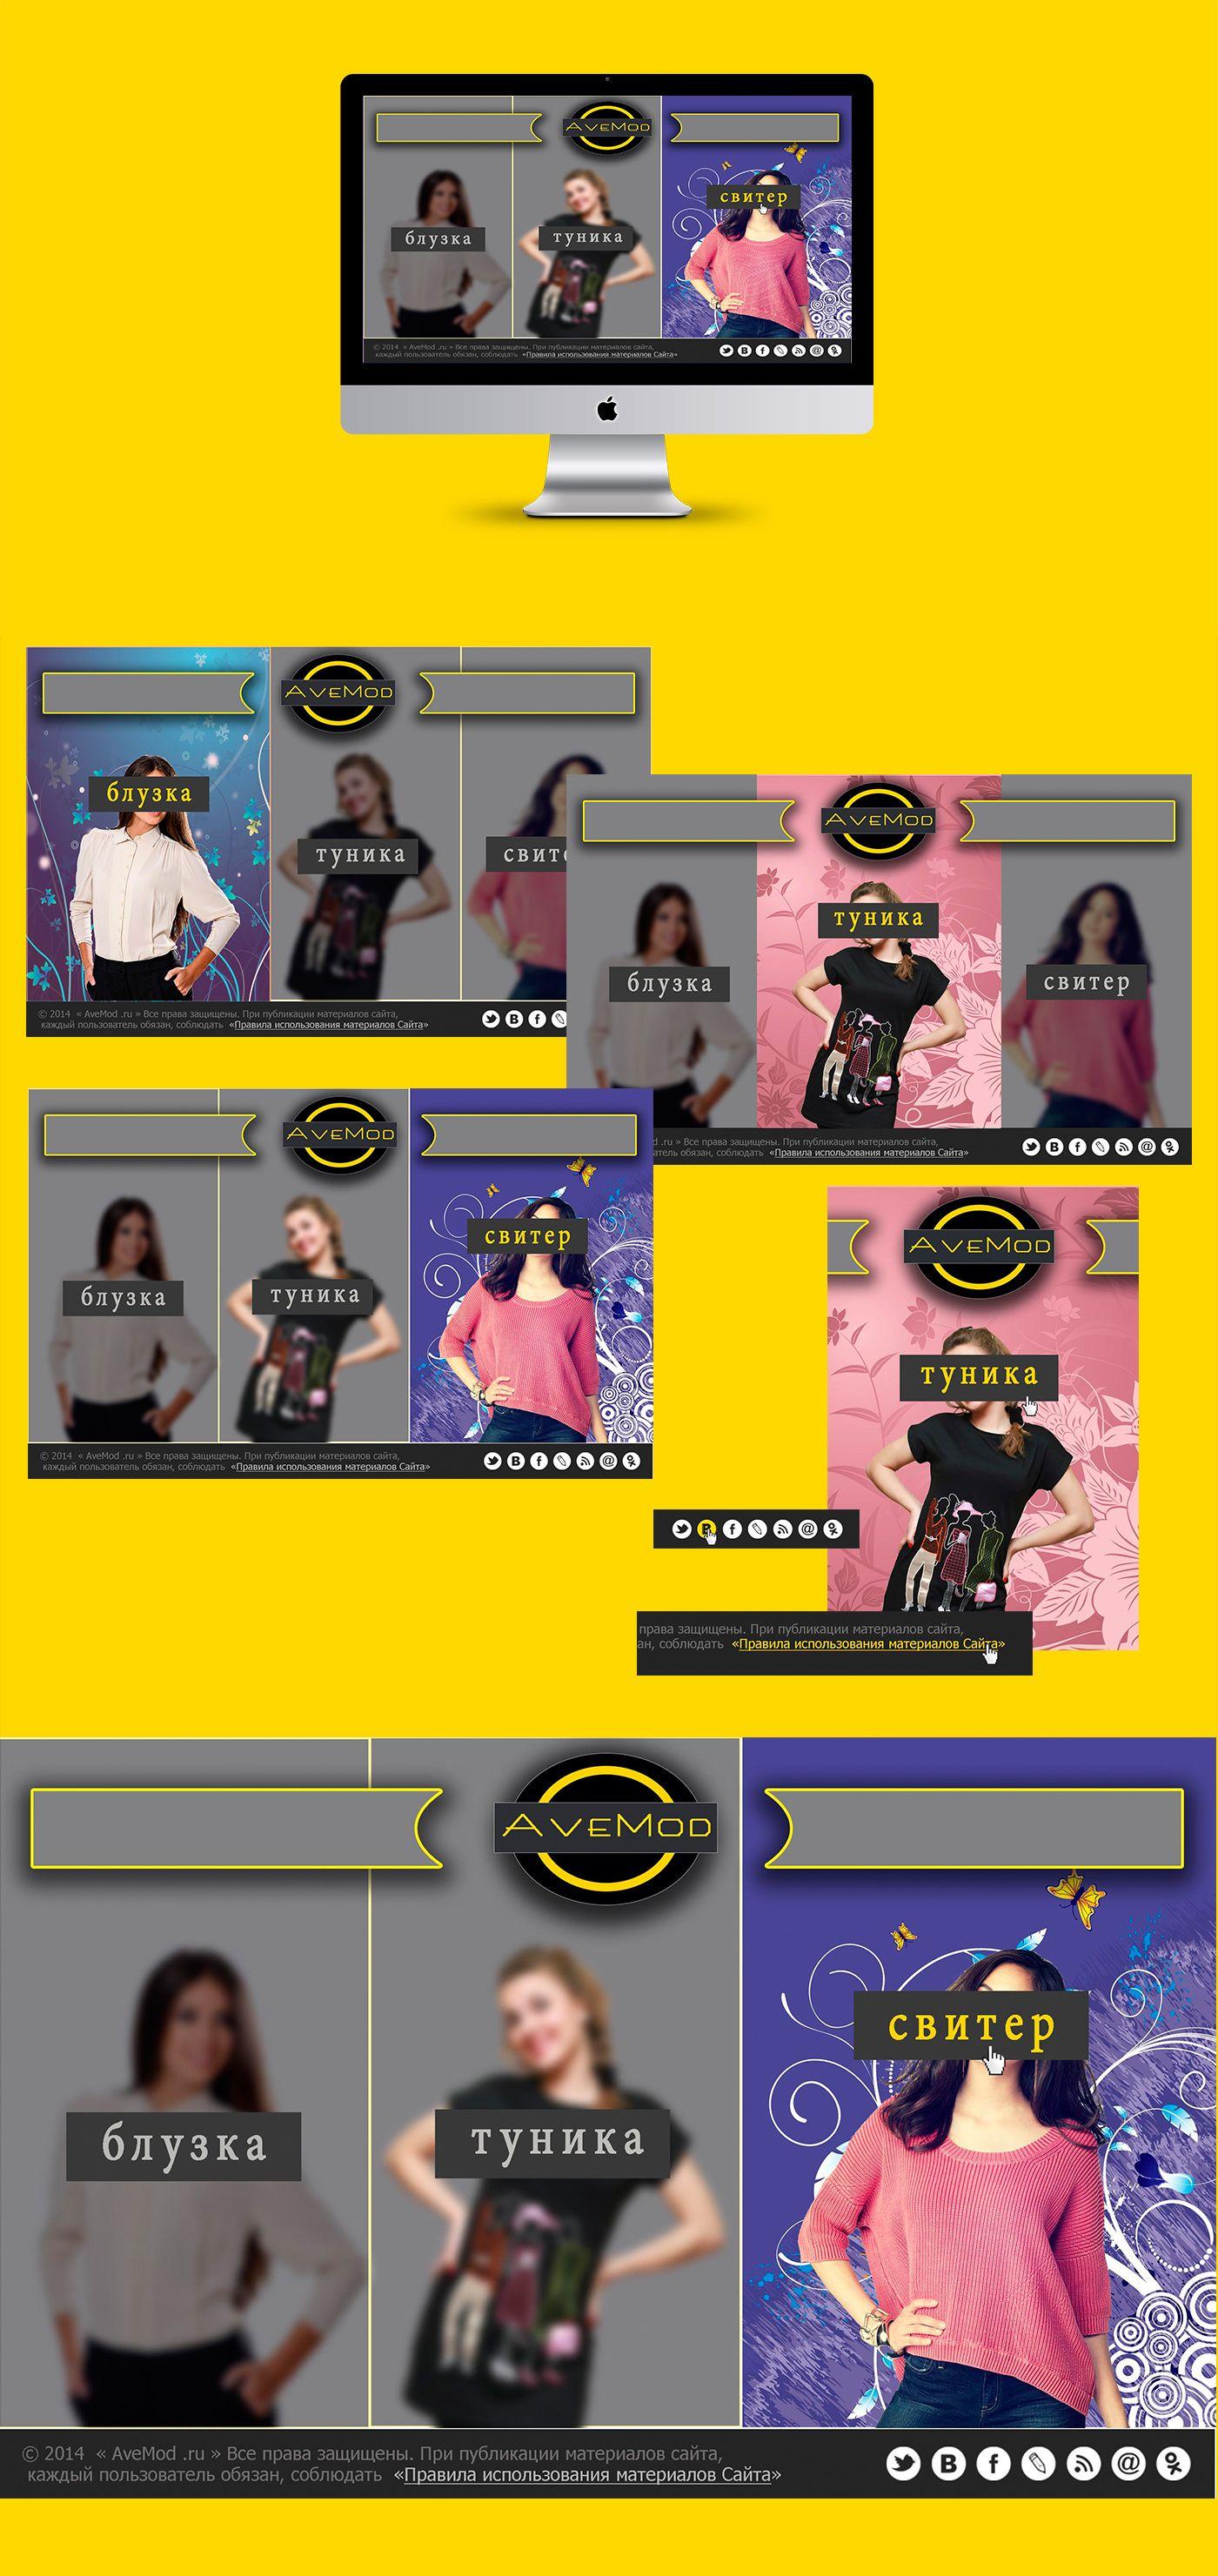 Креативный дизайн интернет магазина женской одежды - дизайнер pro100jaz